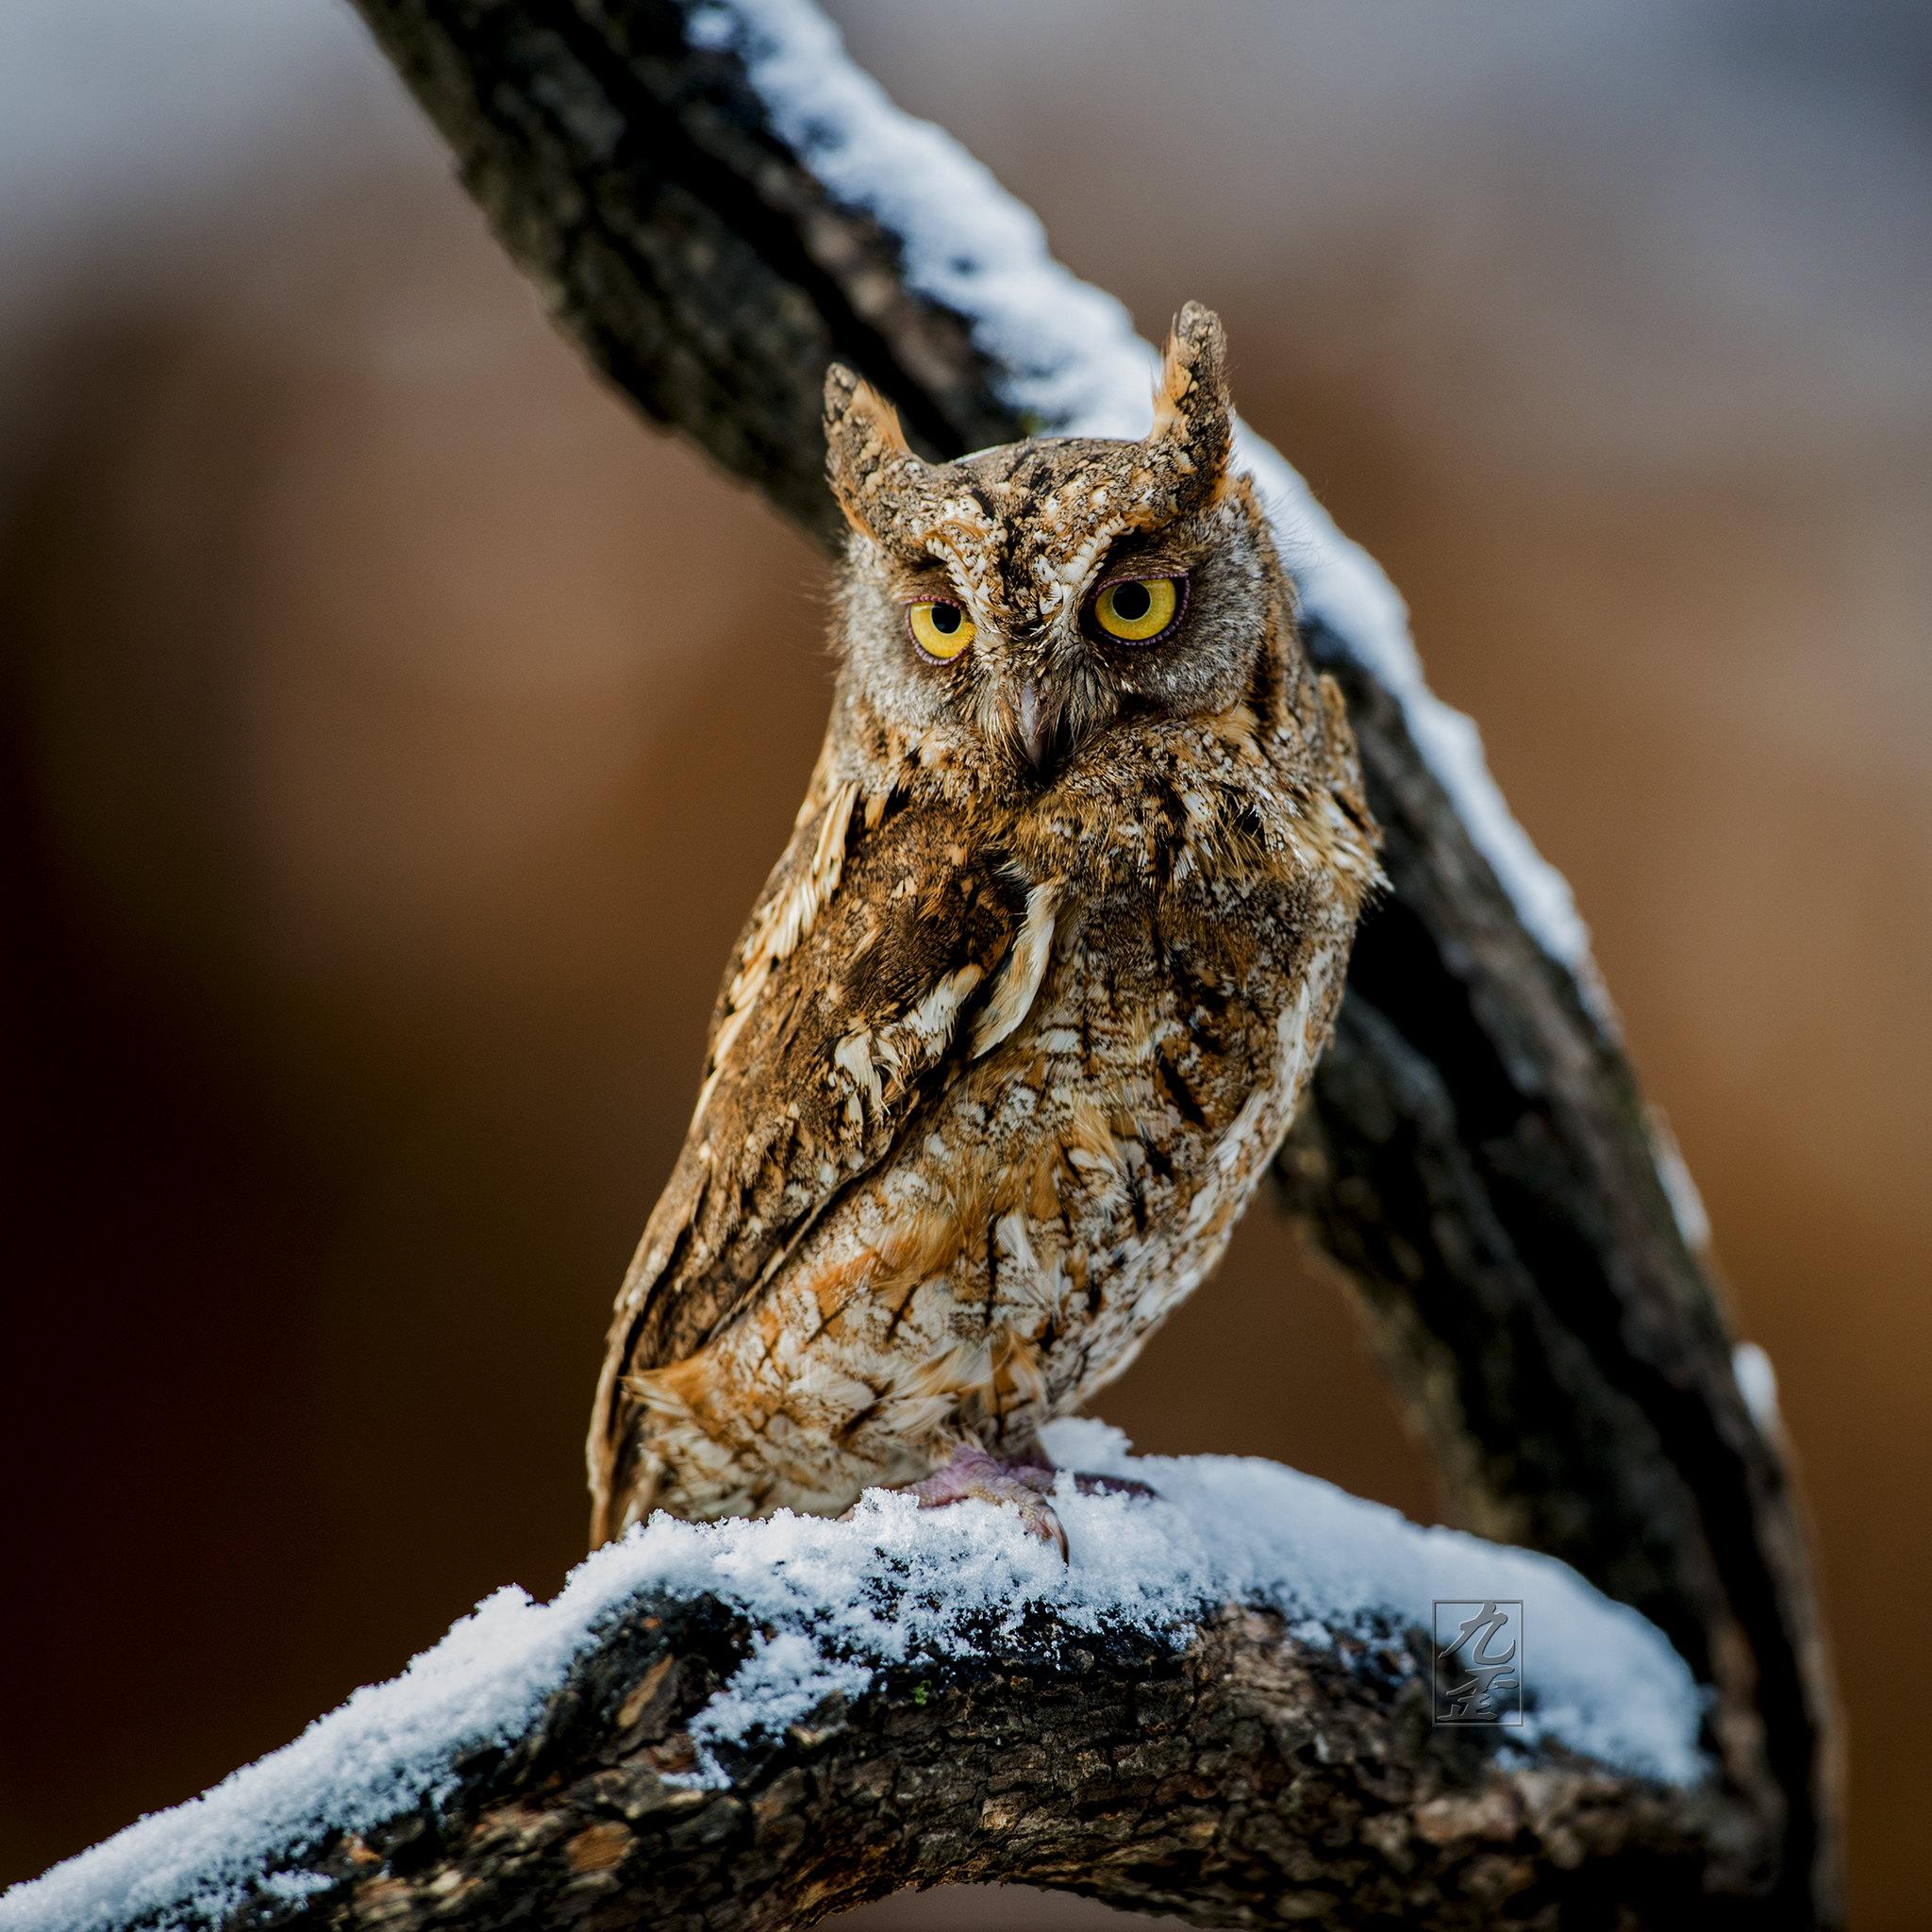 東方角鴞 Oriental Scops Owl - Raptors 猛禽 - HKBWS Forum 香港觀鳥會討論區 - Powered by Discuz!